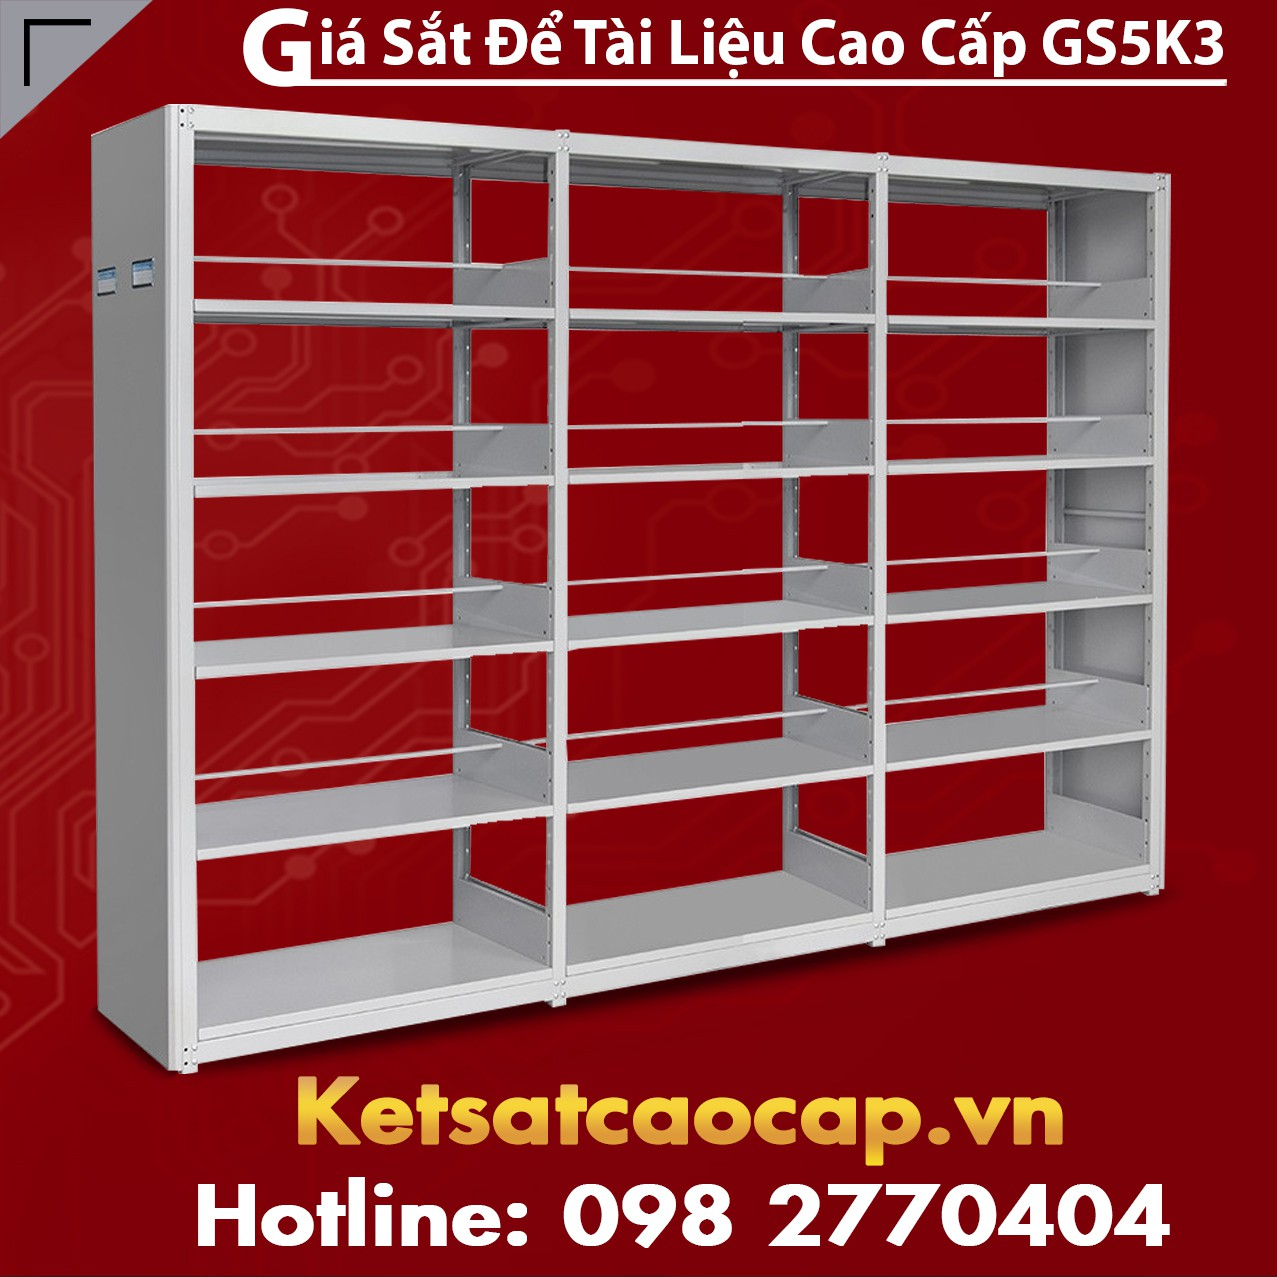 Giá Sắt GS5K3